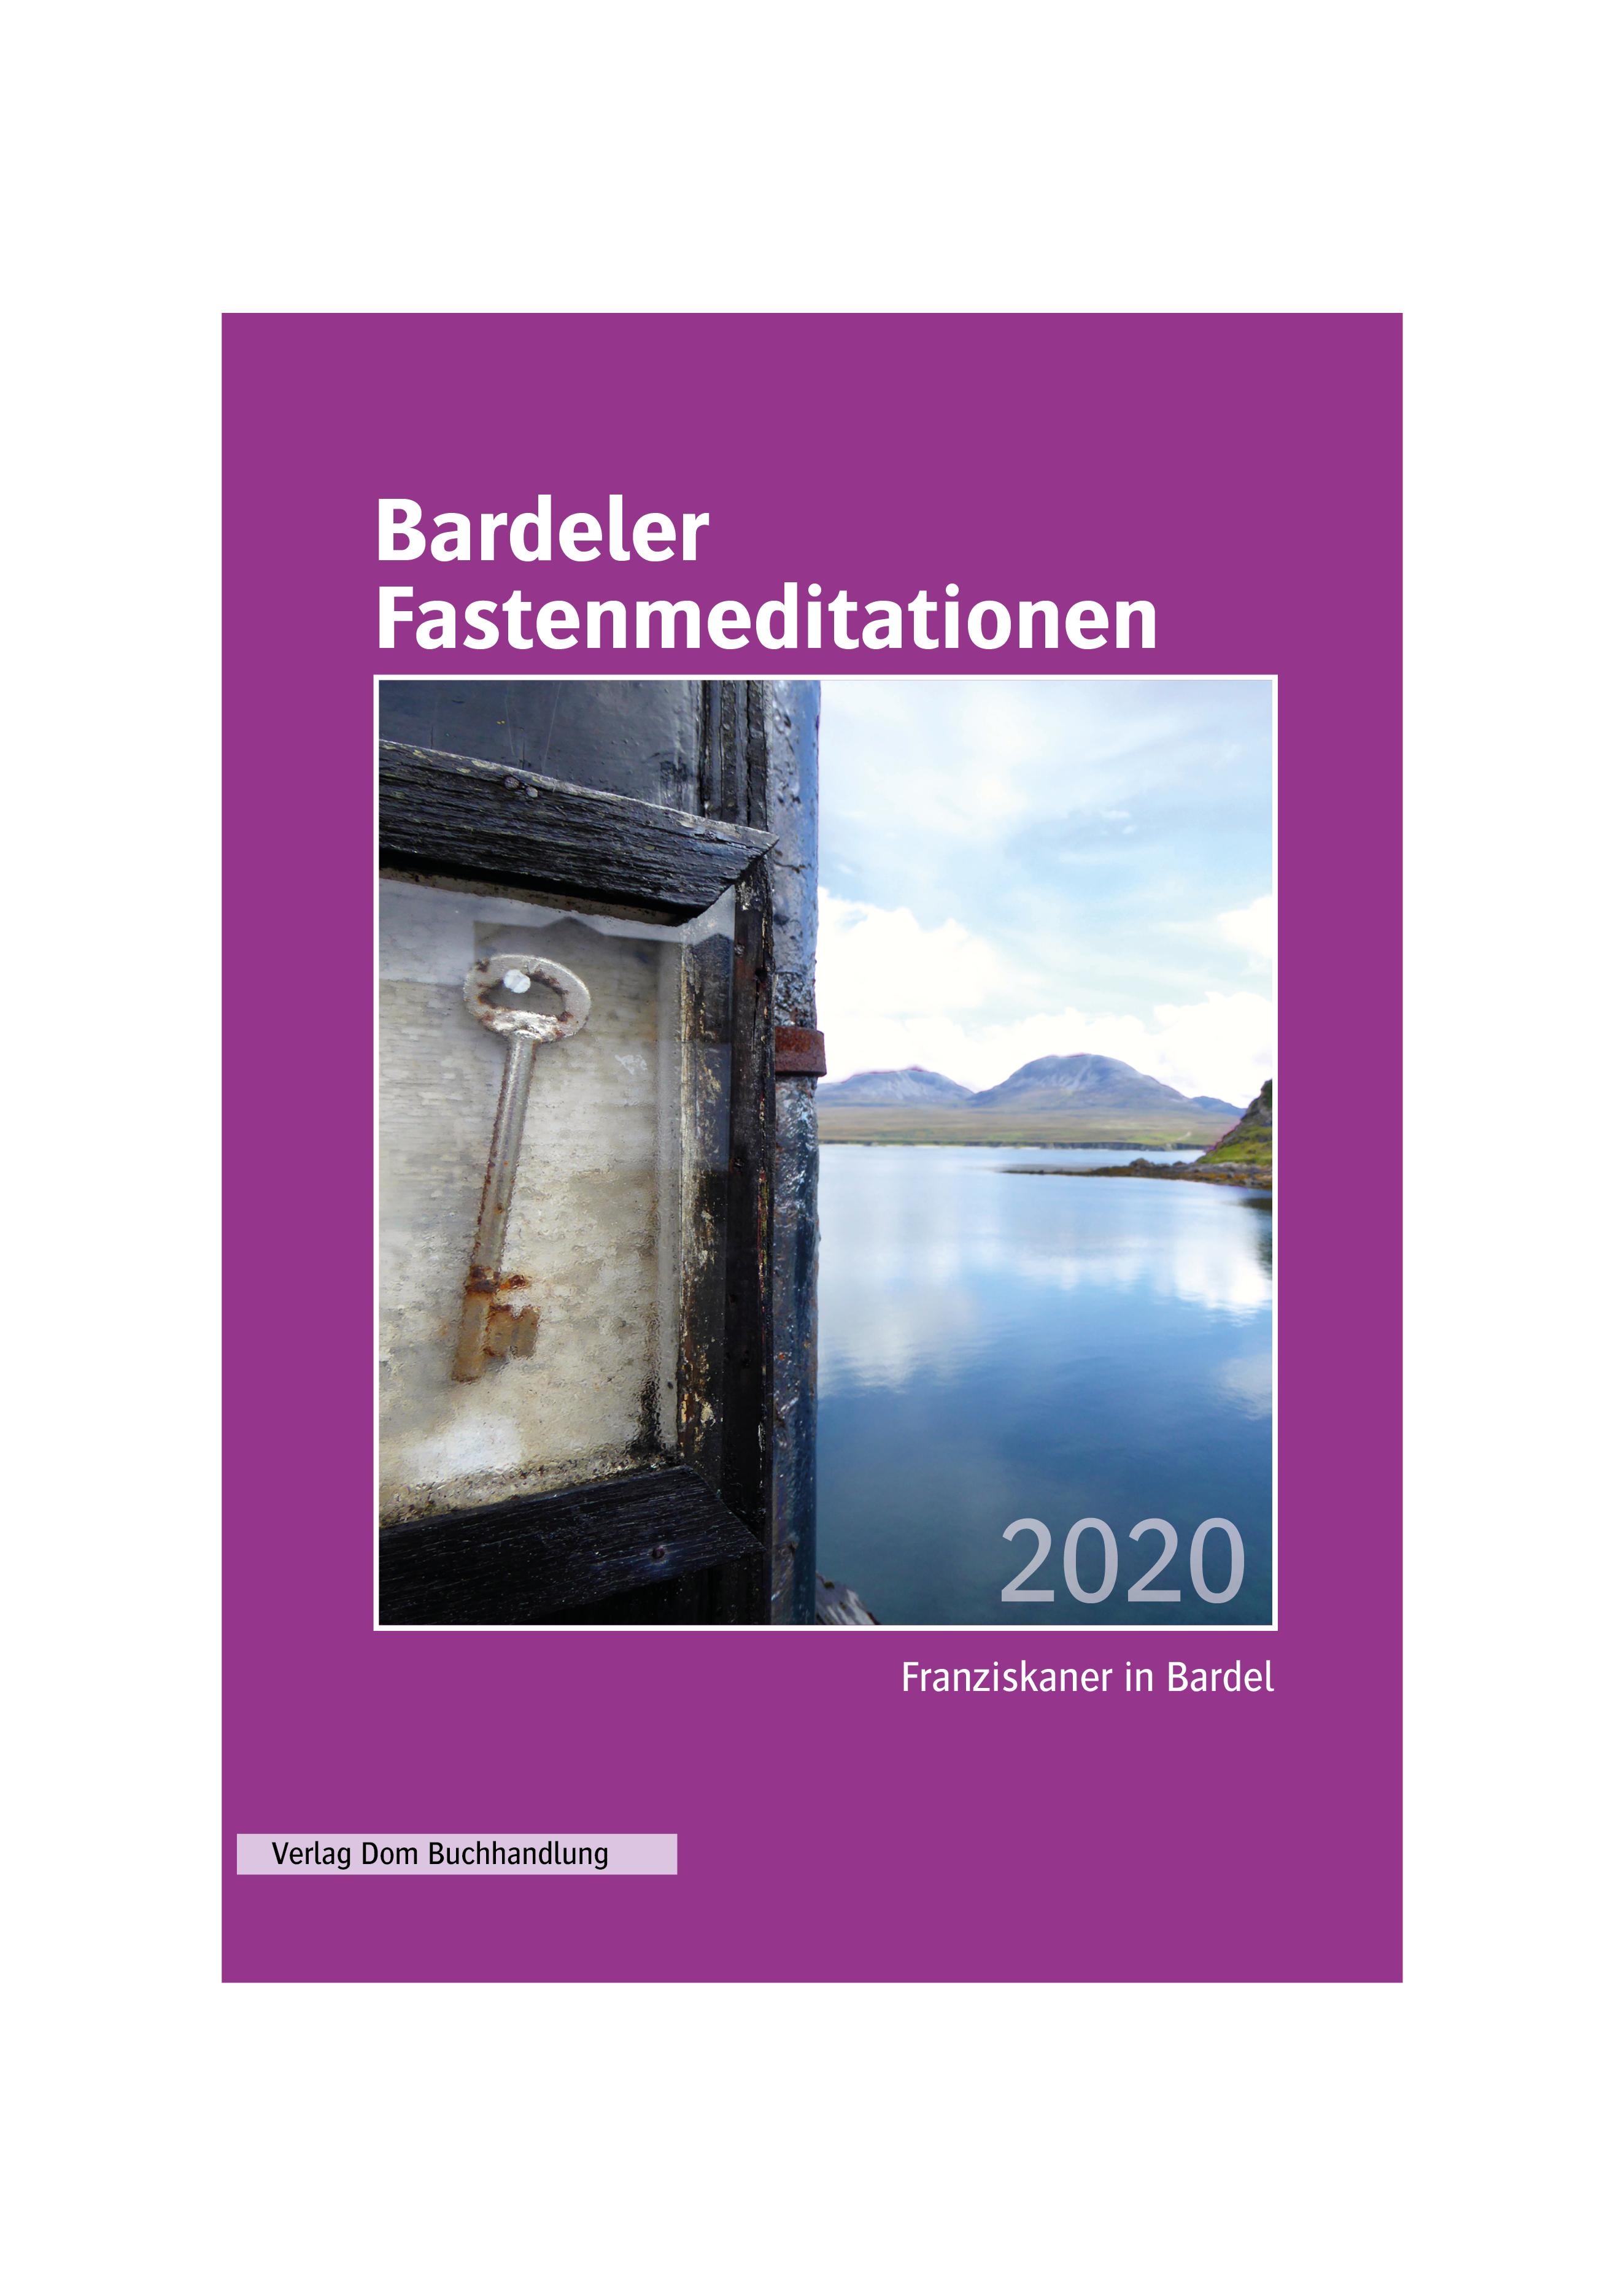 Bardeler Fastenmeditationen 2020